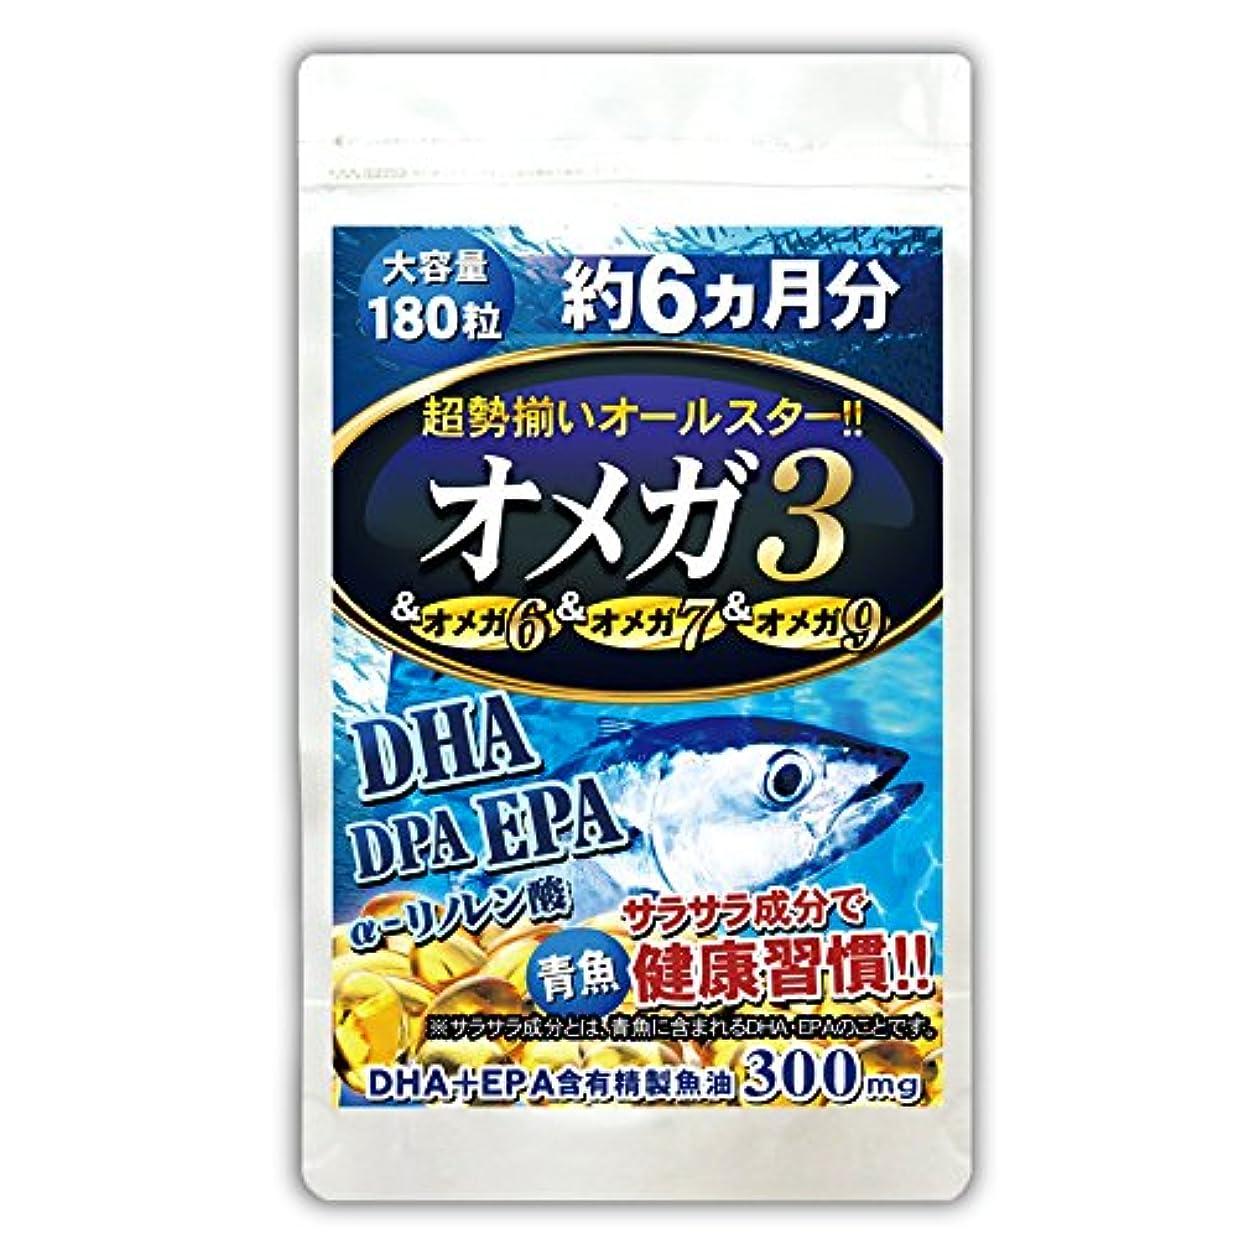 皮パズル追加する(約6ヵ月分/180粒)DHA+EPA+DPA+α-リノレン酸の4種オメガ3をまとめて!超勢揃いオールスターオメガ